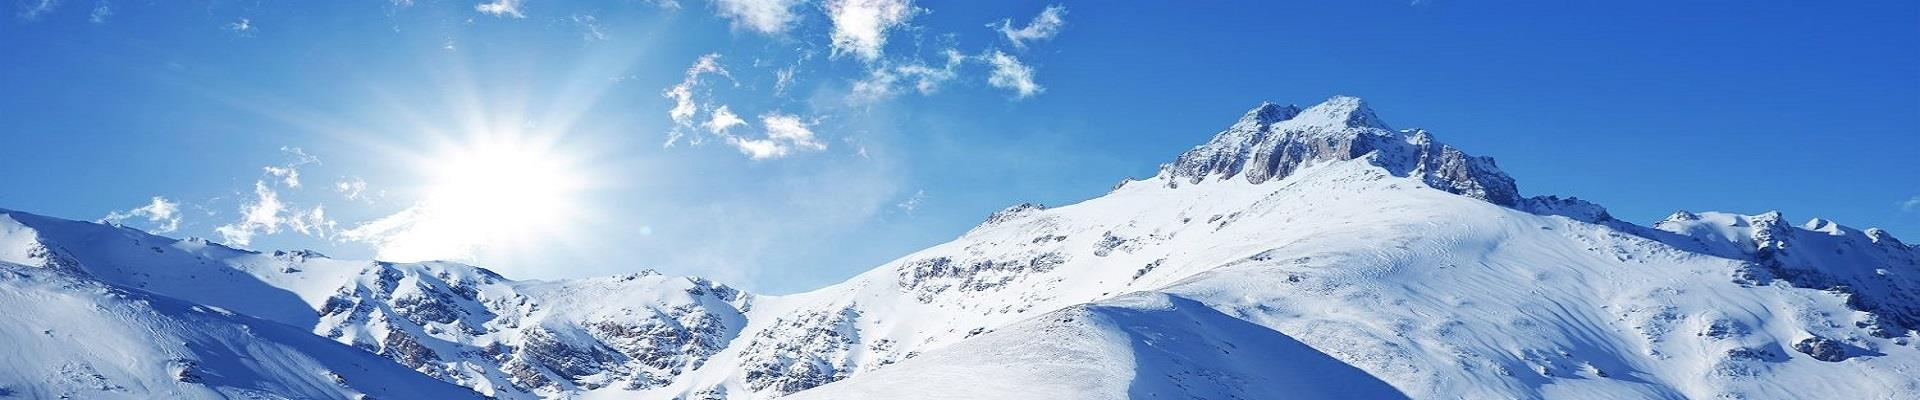 Alpy zima